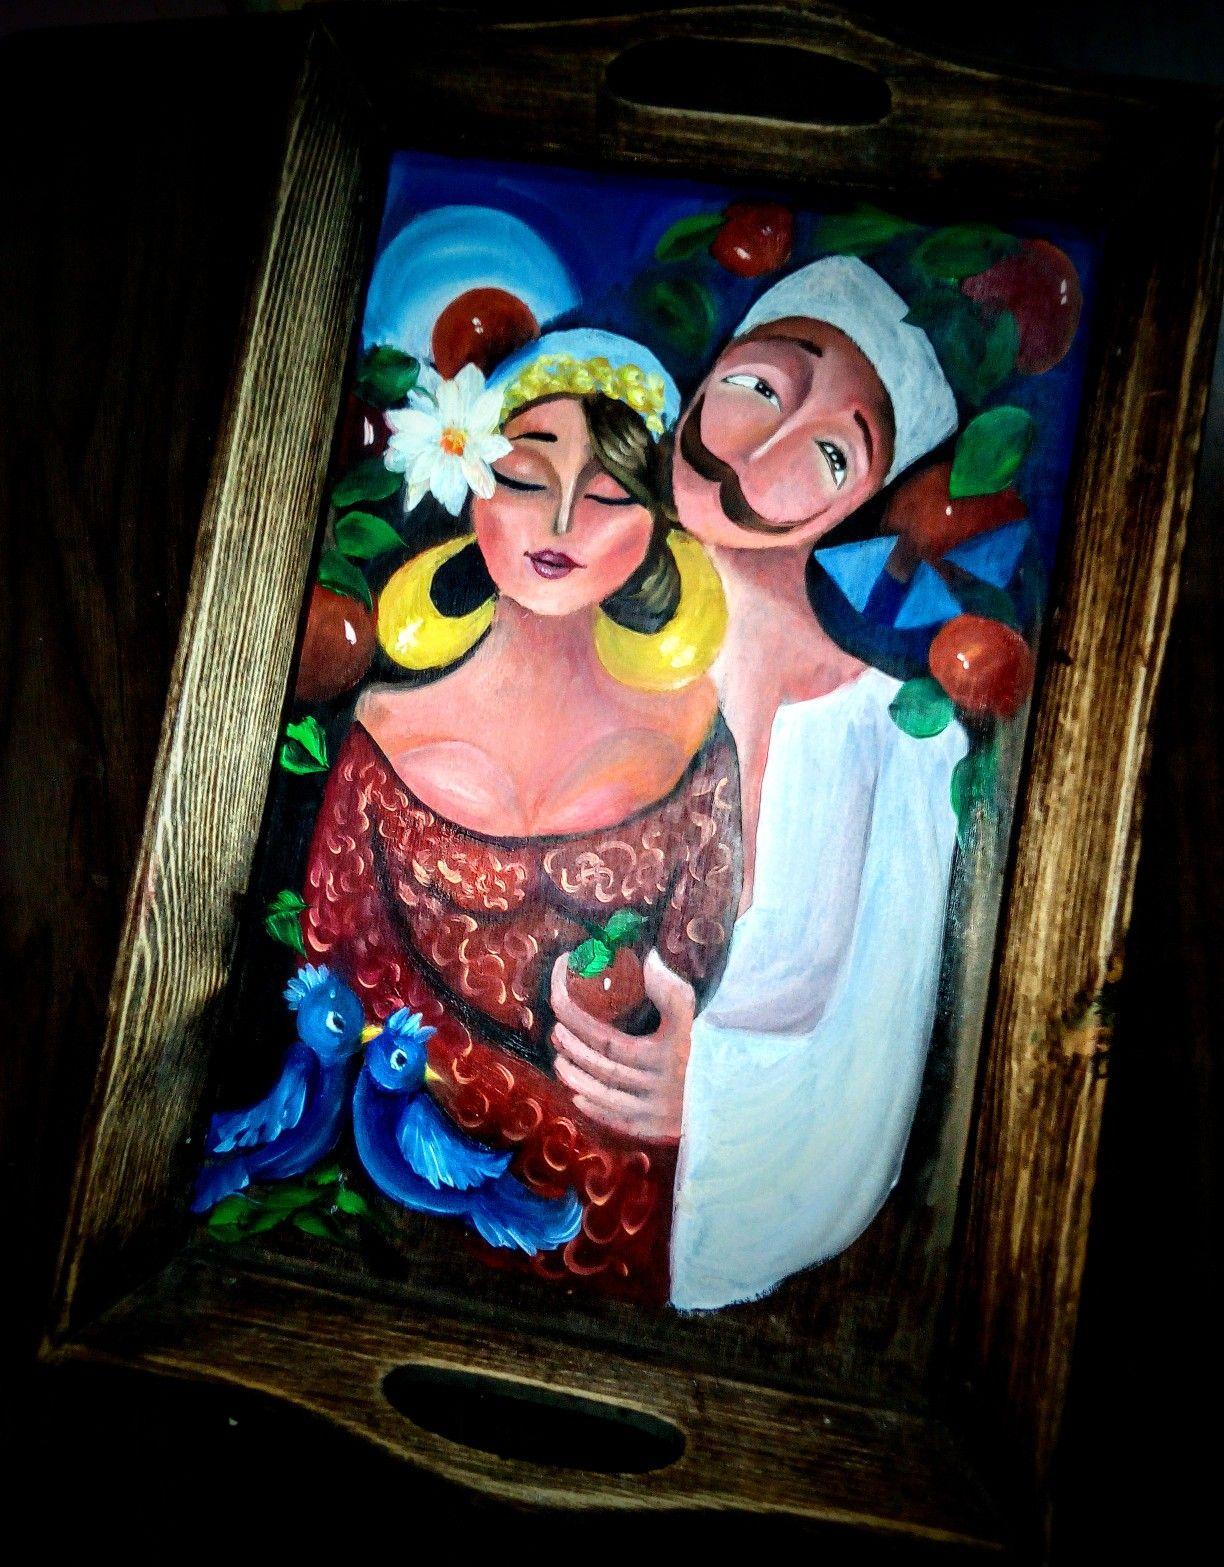 رسم بالالوان الزيتيه للفن الشعبي في صينيه خشب فلكلور Folklore Art Painting Egyptian Art Painting